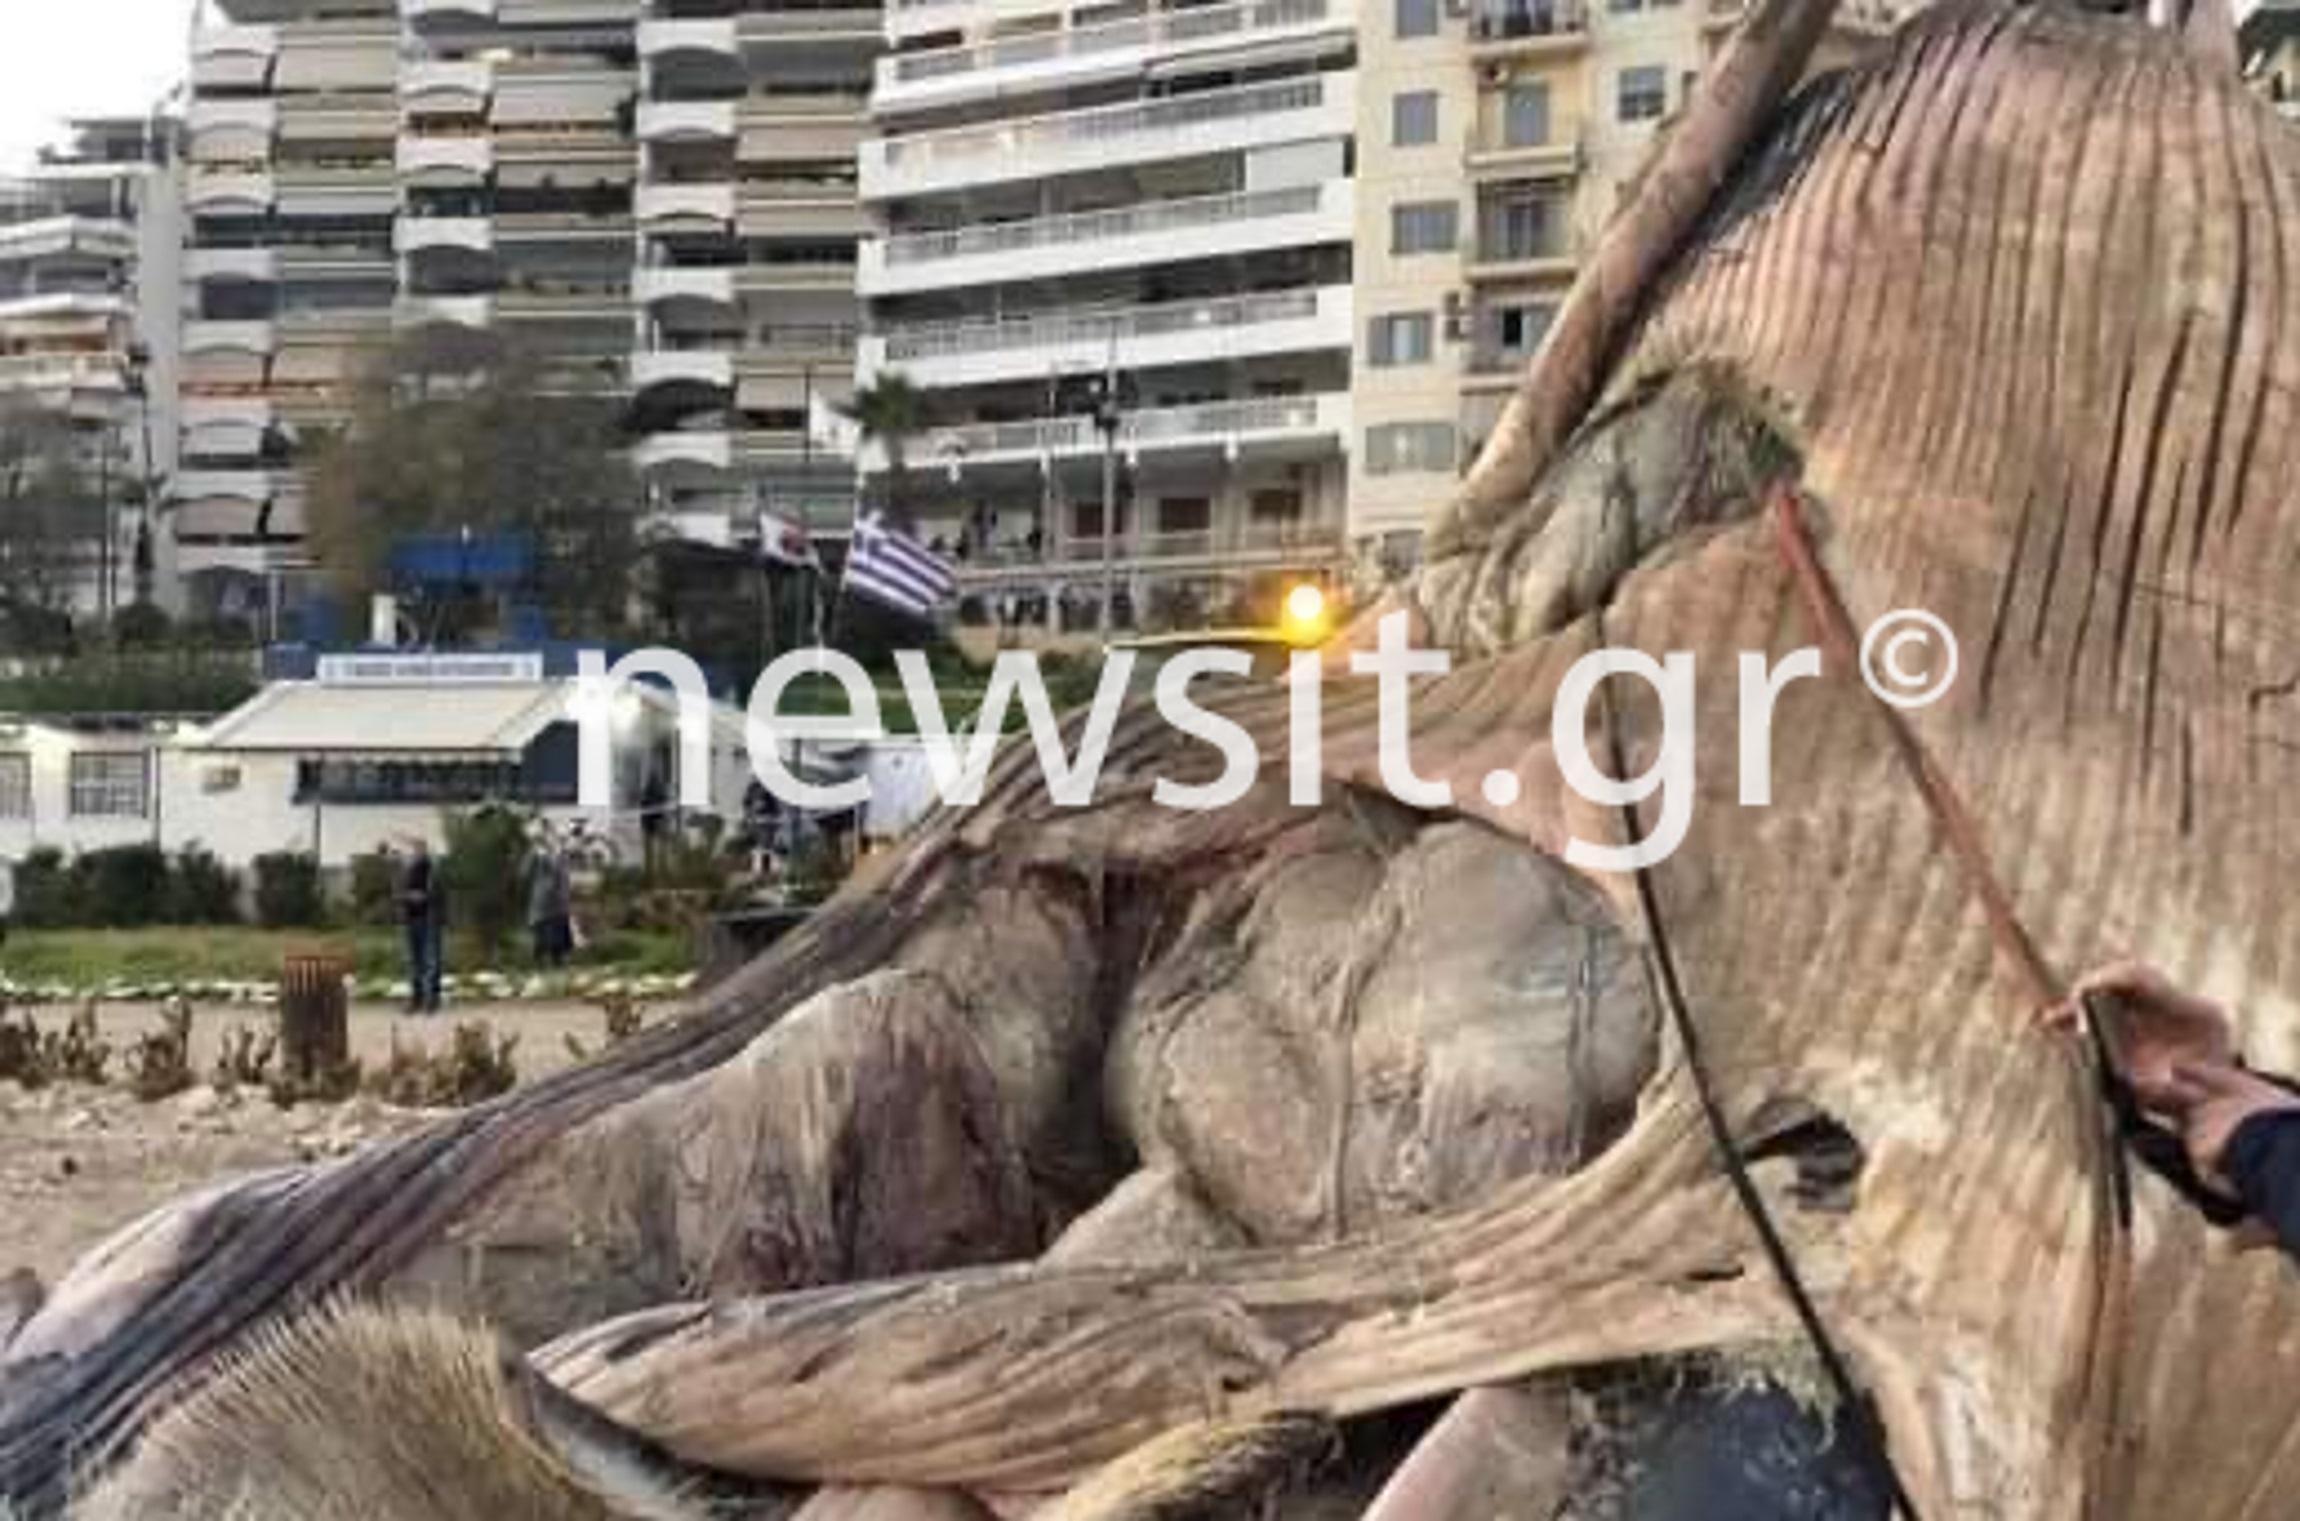 Πώς πέθανε η φάλαινα που ξεβράστηκε στον Πειραιά – Τι αναφέρει το Ινστιτούτο Θαλάσσιας Προστασίας «Αρχιπέλαγος» (pics)